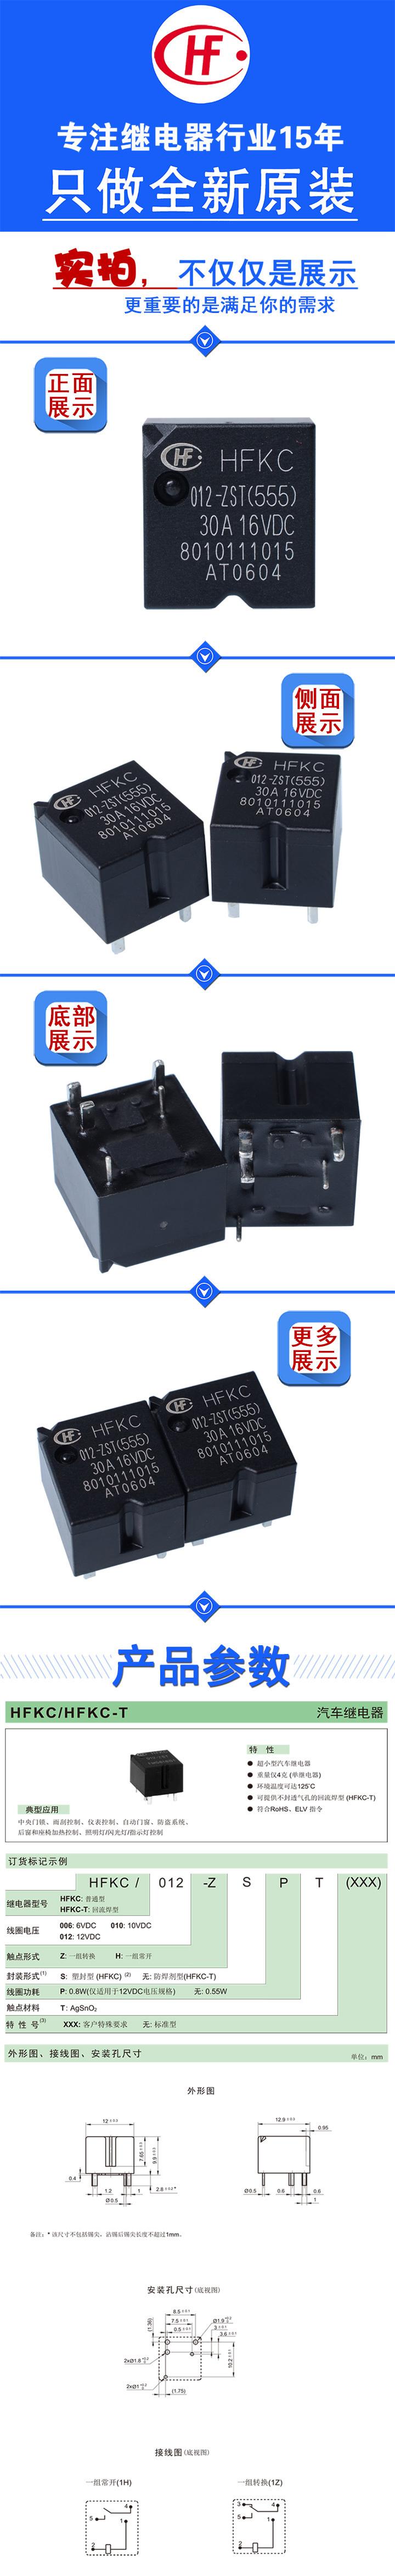 HFKC-012-ZST(555)_01